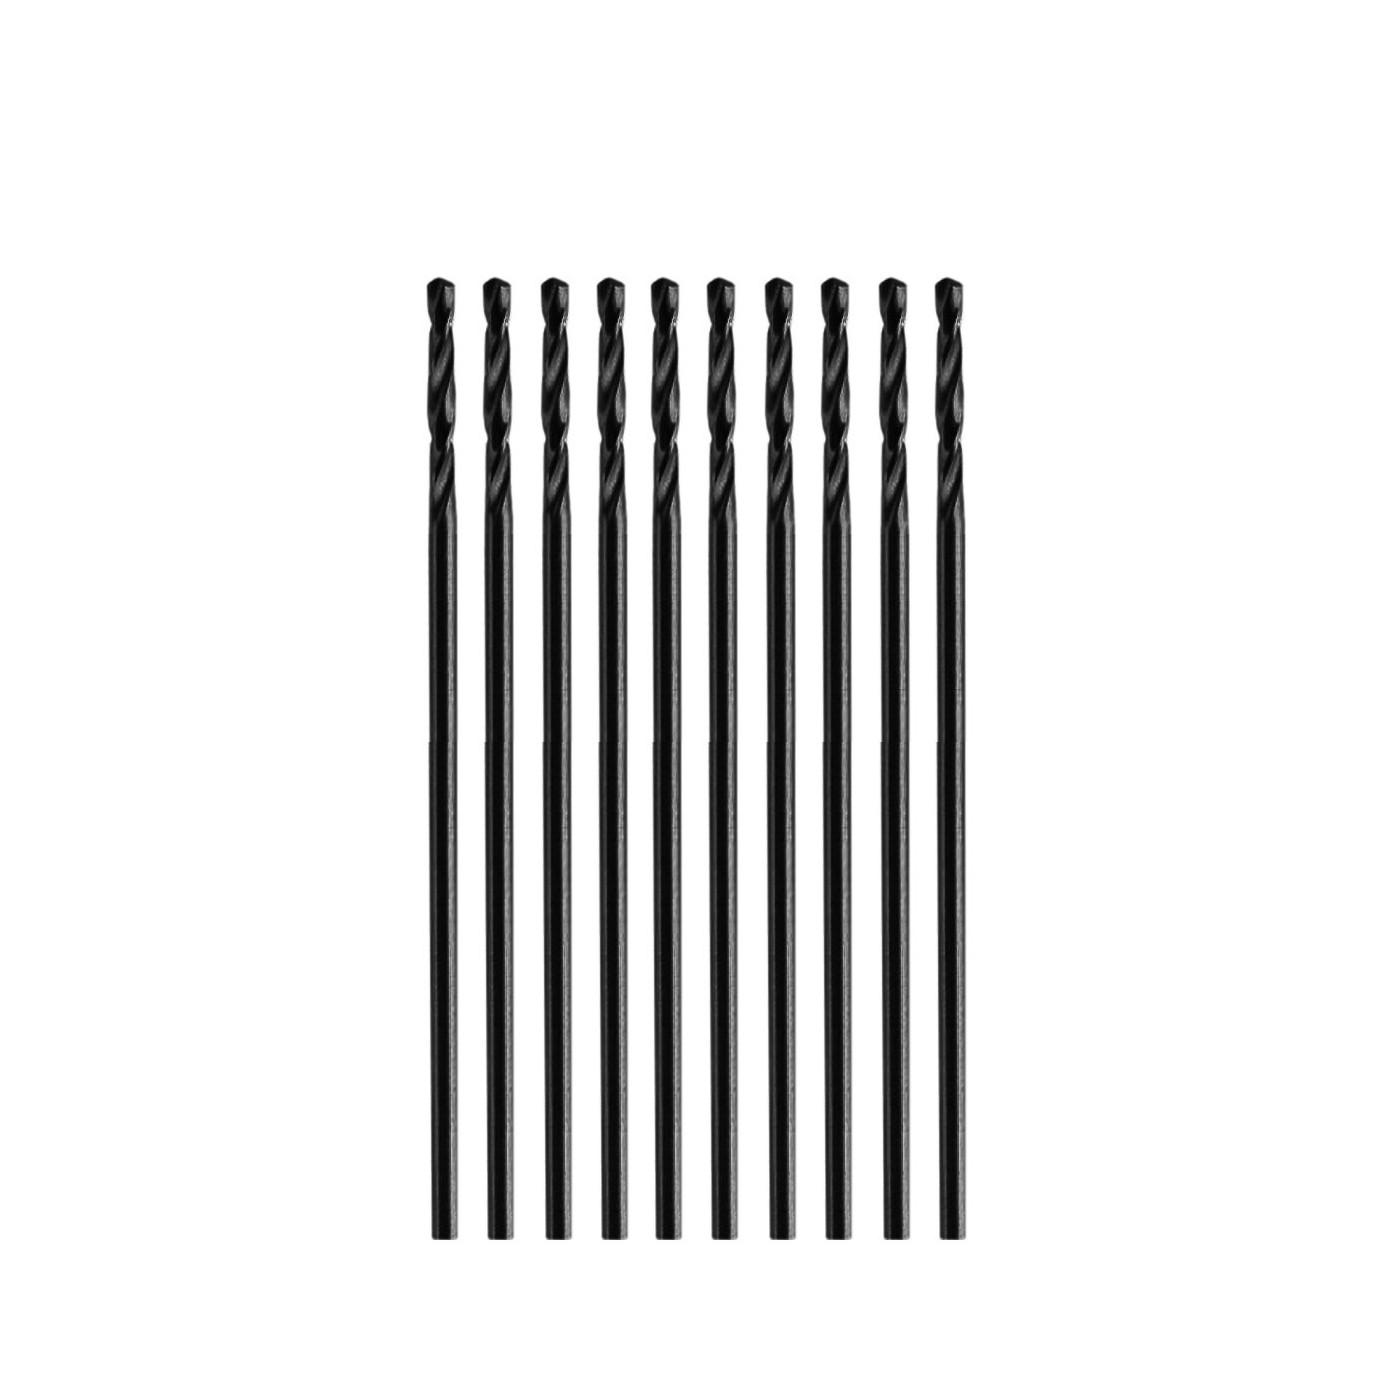 Set van 10 kleine metaalboren (1,2x38 mm, HSS)